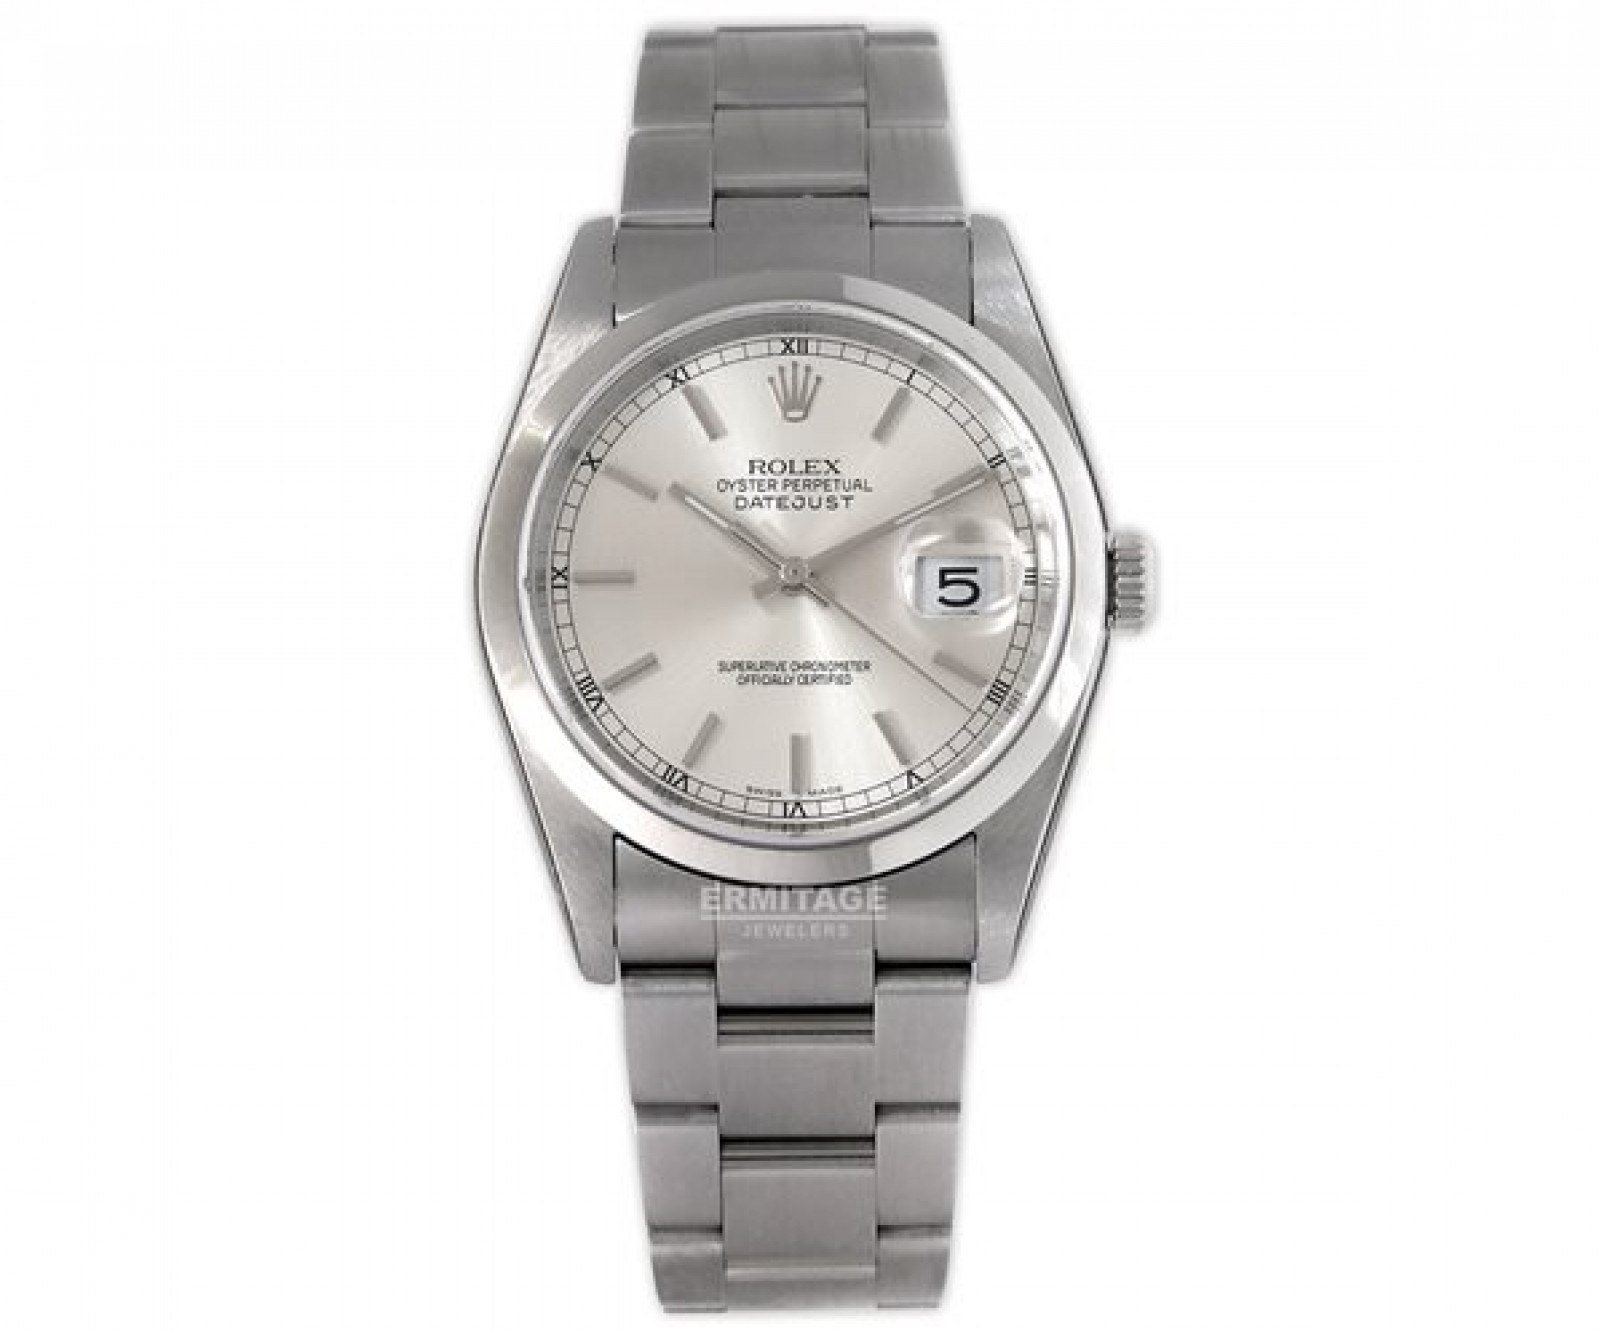 2014 Rolex Datejust 16200 Steel